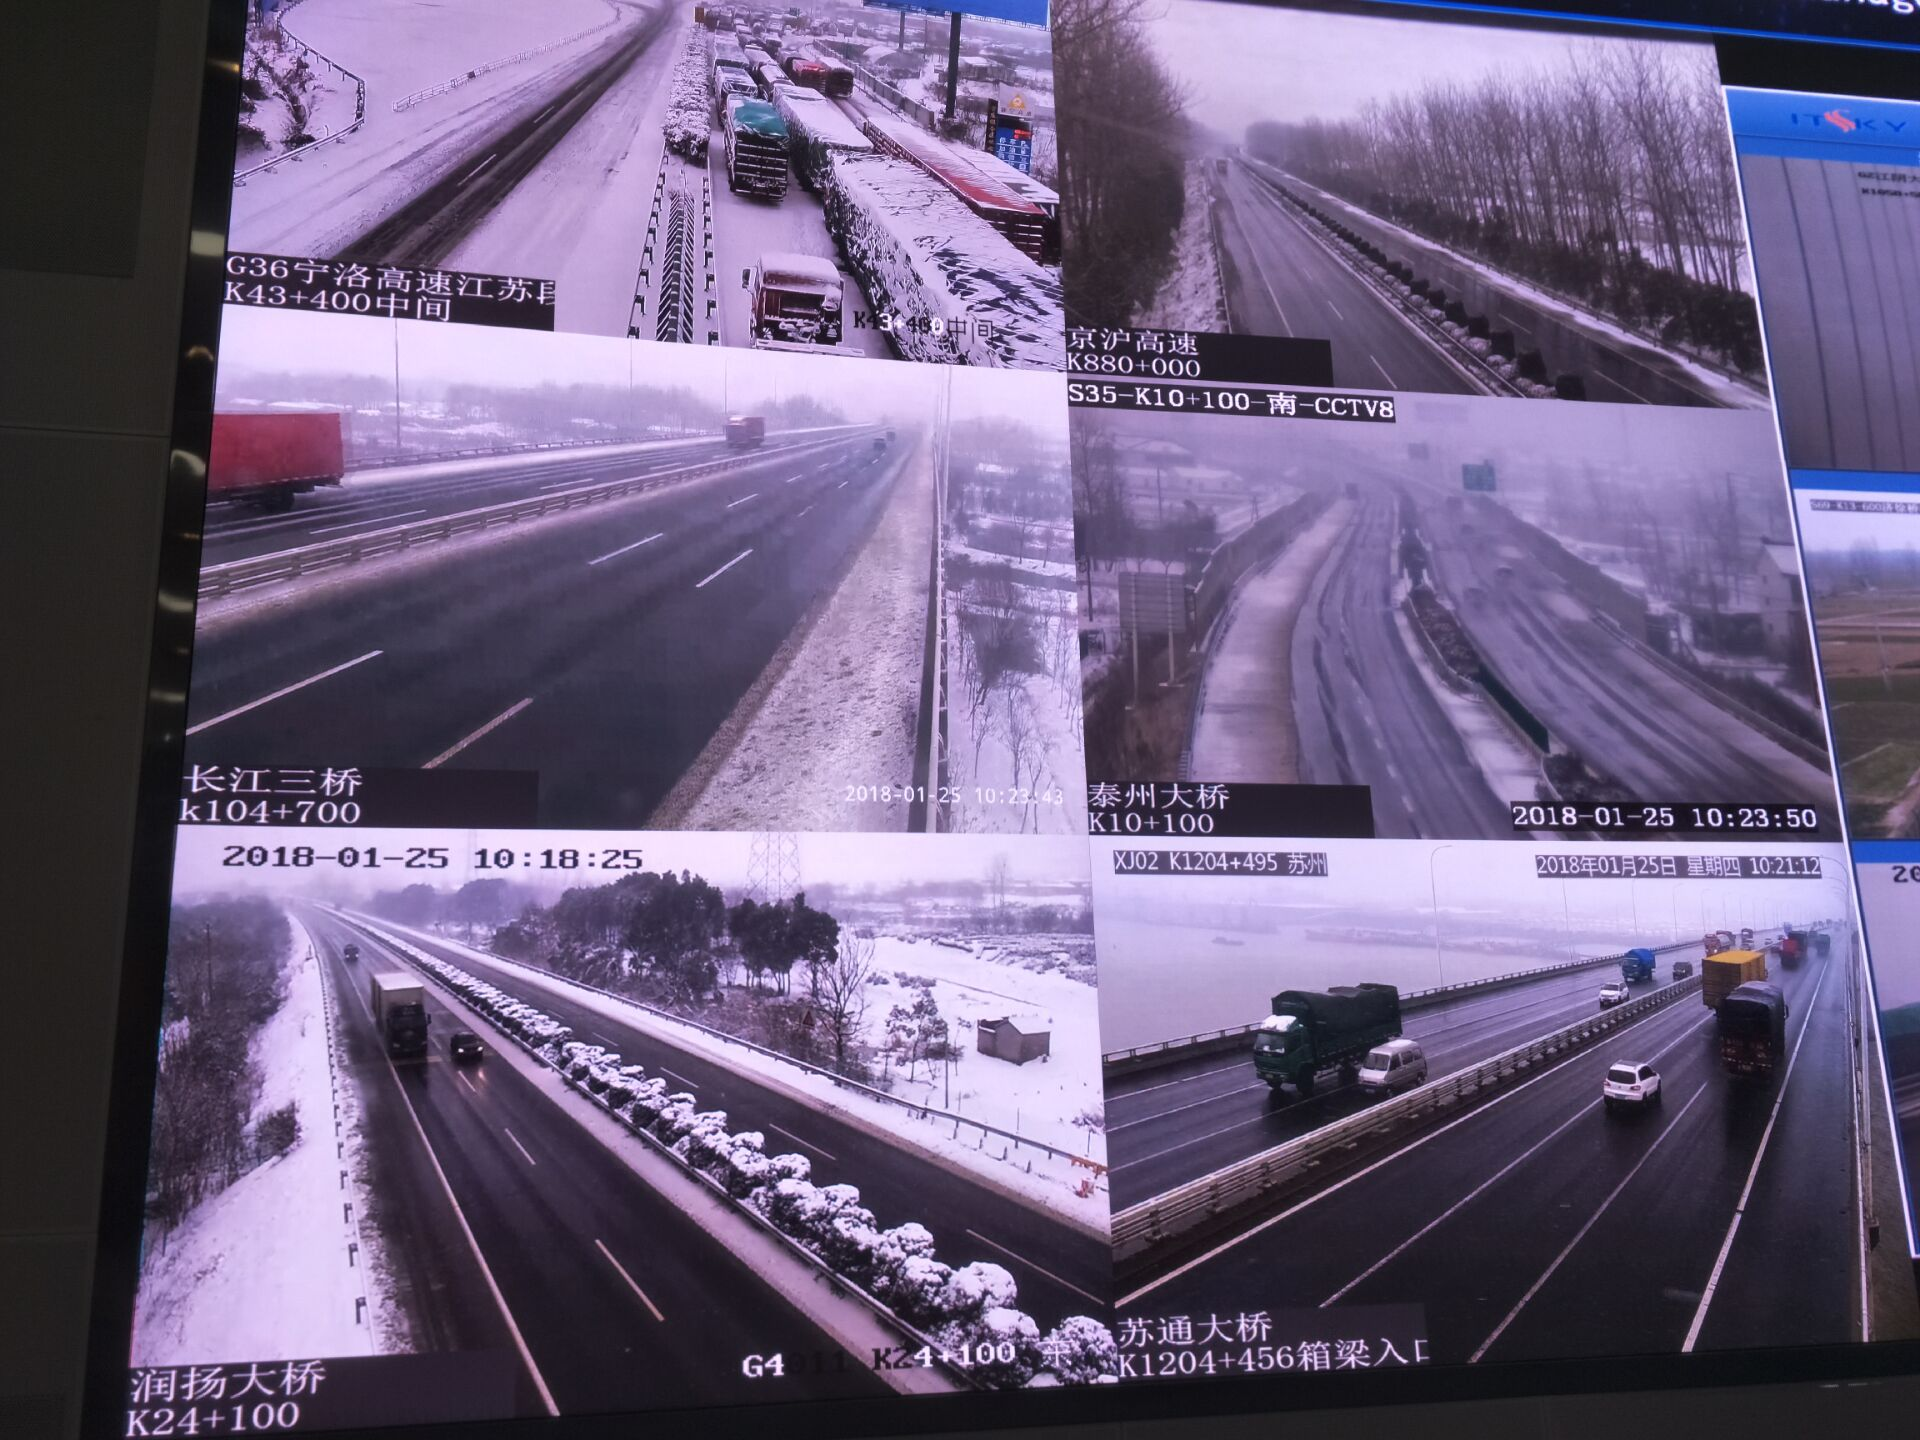 最新 南通机场38架次航班顺利起降 南京149条公交线路临时停运